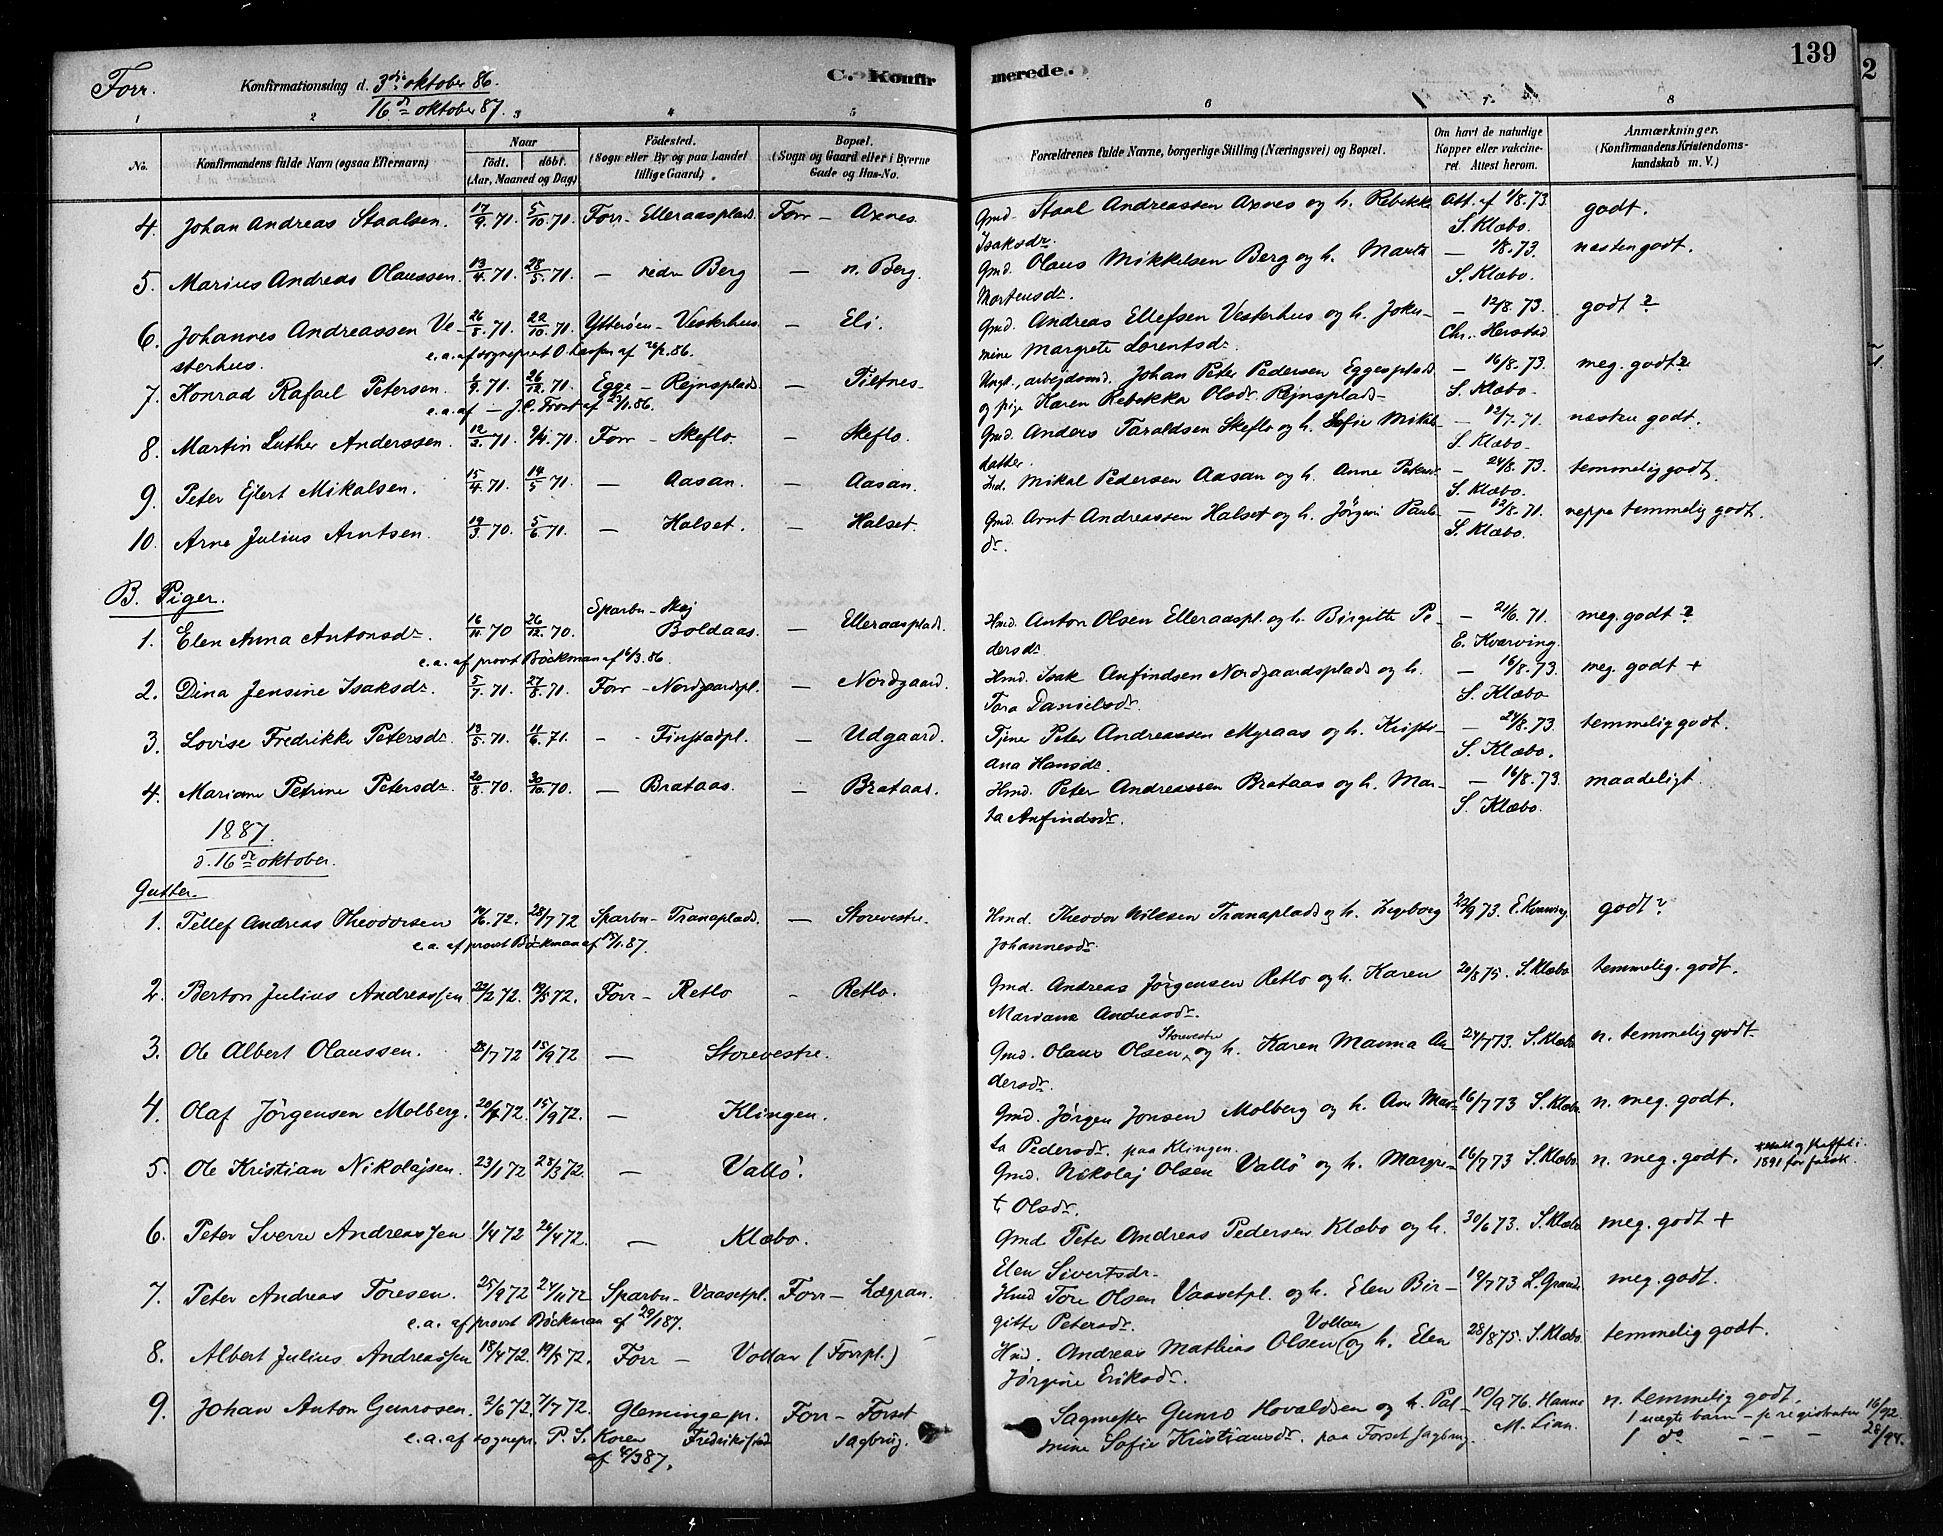 SAT, Ministerialprotokoller, klokkerbøker og fødselsregistre - Nord-Trøndelag, 746/L0448: Ministerialbok nr. 746A07 /1, 1878-1900, s. 139